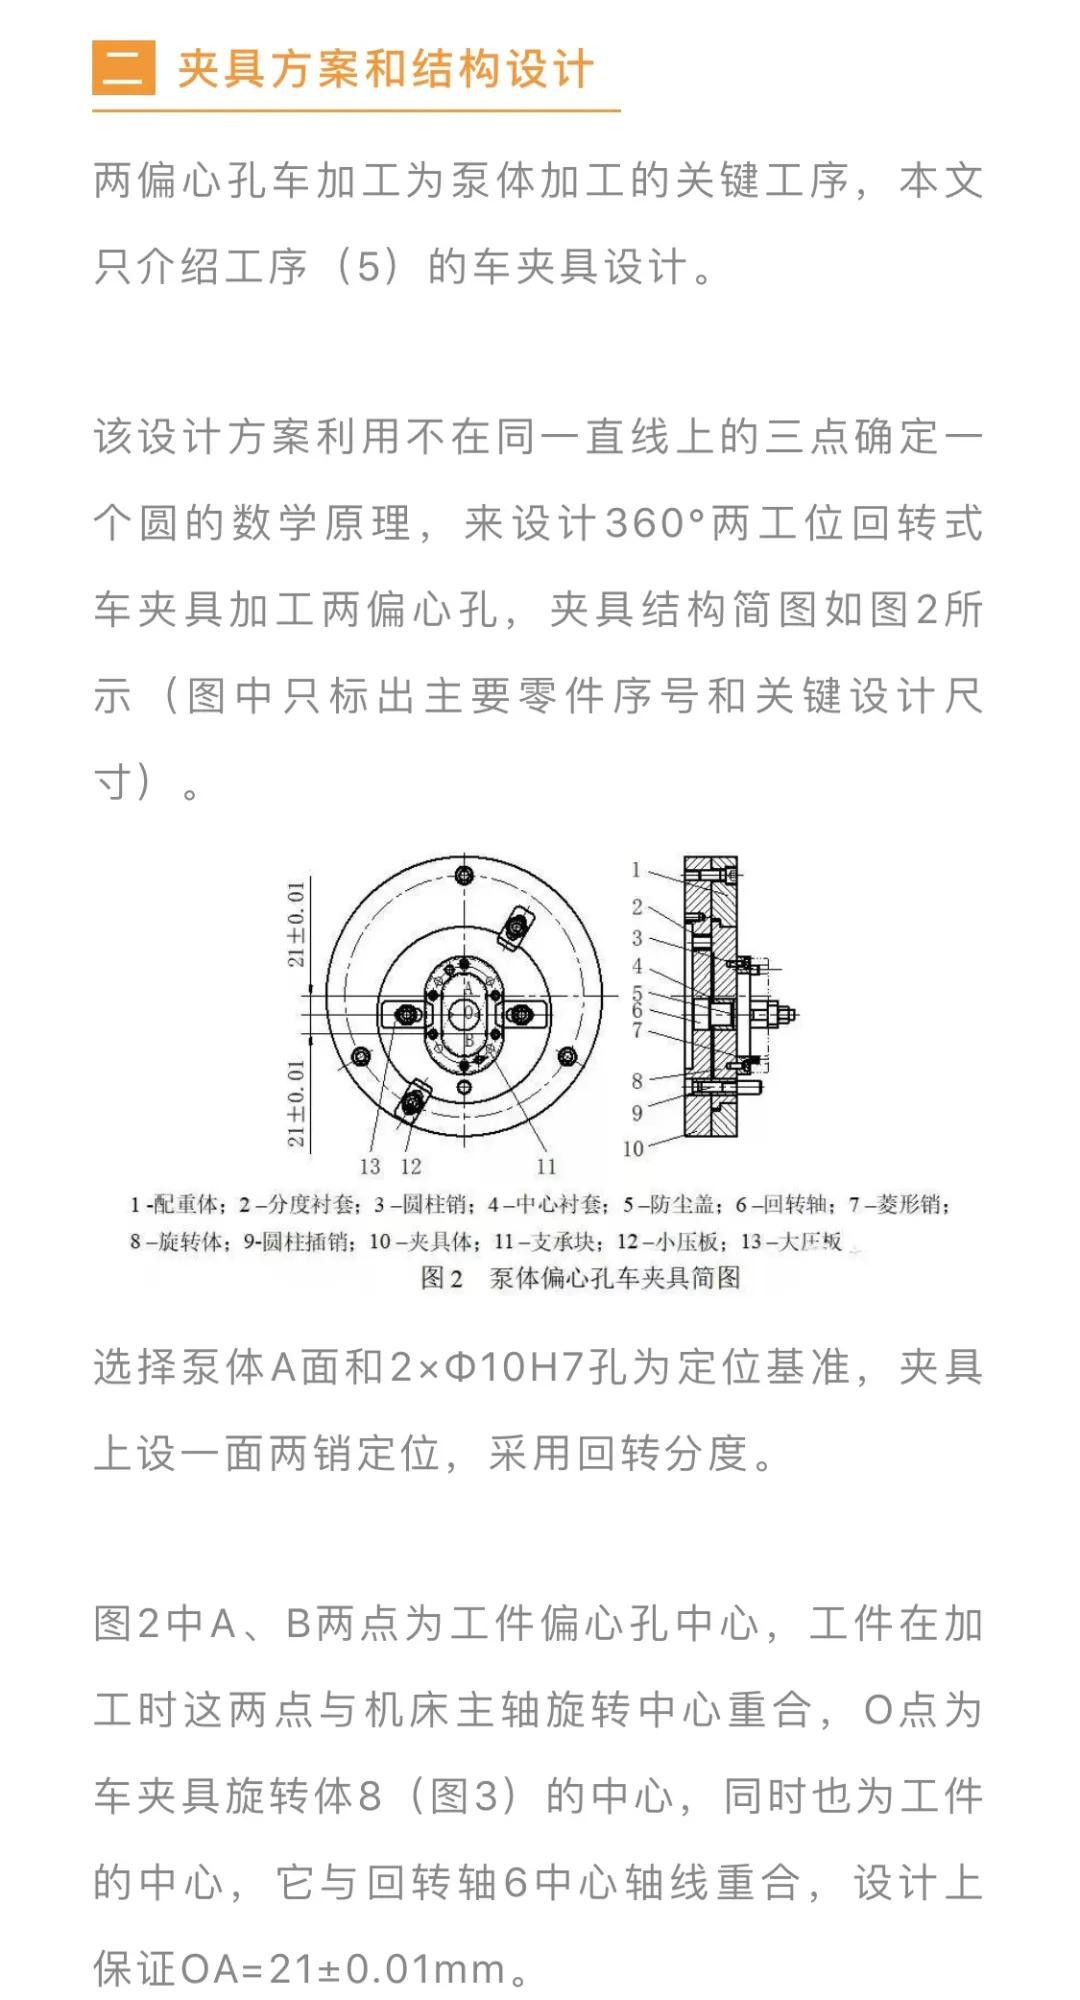 双工位平衡式车夹具的结构设计